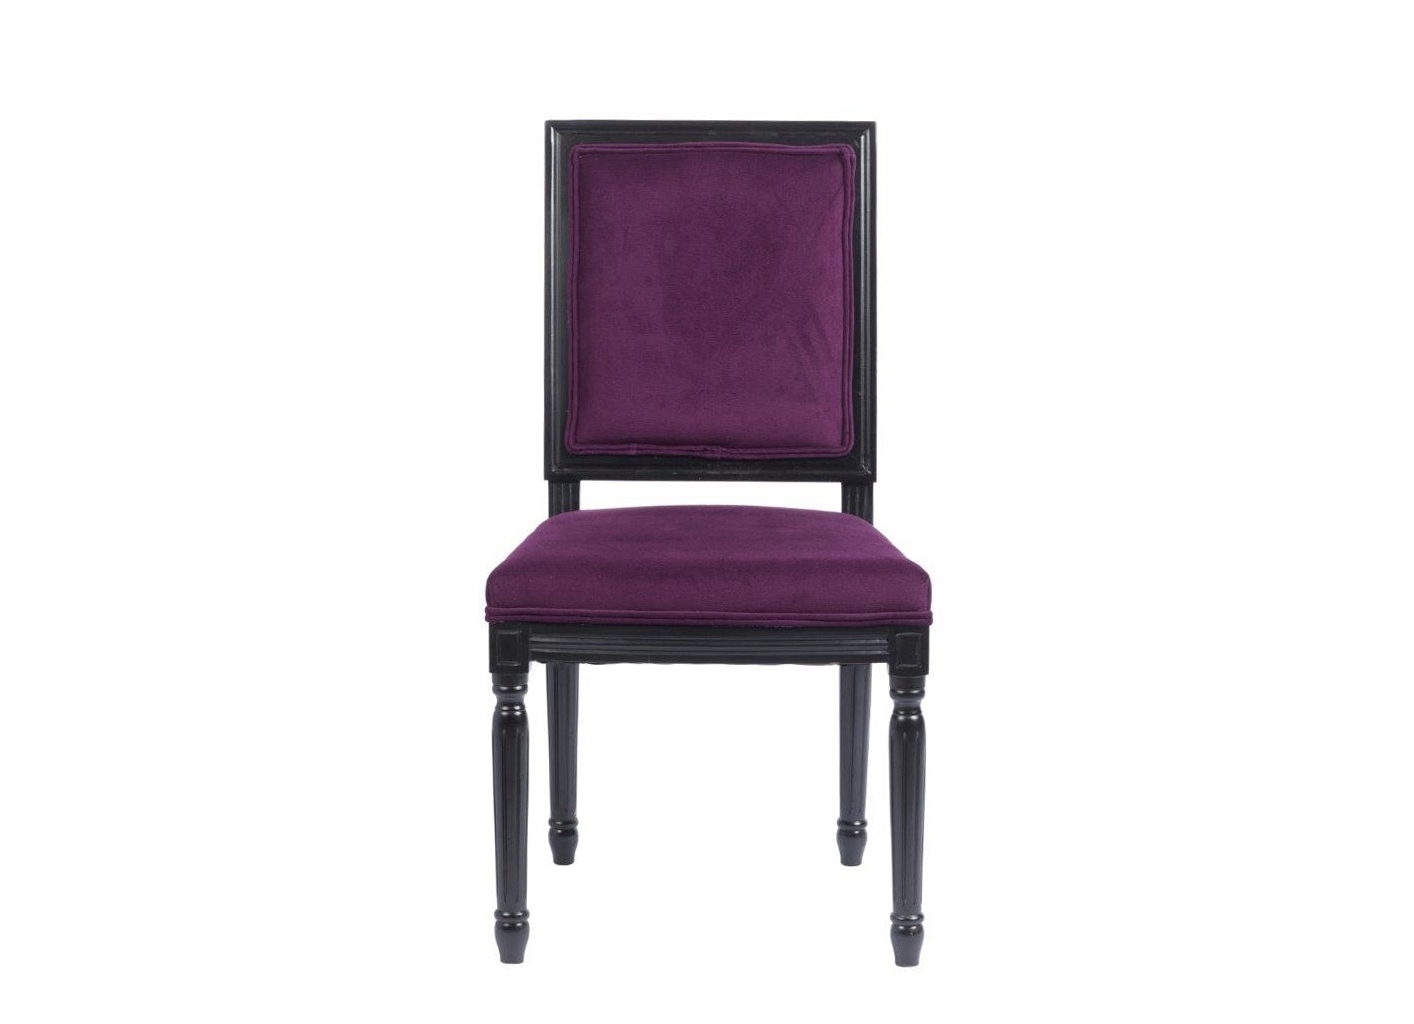 Стул Overture VioletОбеденные стулья<br>Это модель для ценителей готического стиля в интерьере. Цветовая гамма стула – достаточно редкое сочетание темного фиолетового и черного. Также у стула особенная форма: спинка и сиденье прямоугольные, зато ножки – необычные, резные, с оригинальными элементами декора. Стул отлично подойдет как для столовой или кухни, так и для рабочего кабинета в темной цветовой гамме.<br><br>Material: Вельвет<br>Width см: 50<br>Depth см: 55<br>Height см: 96